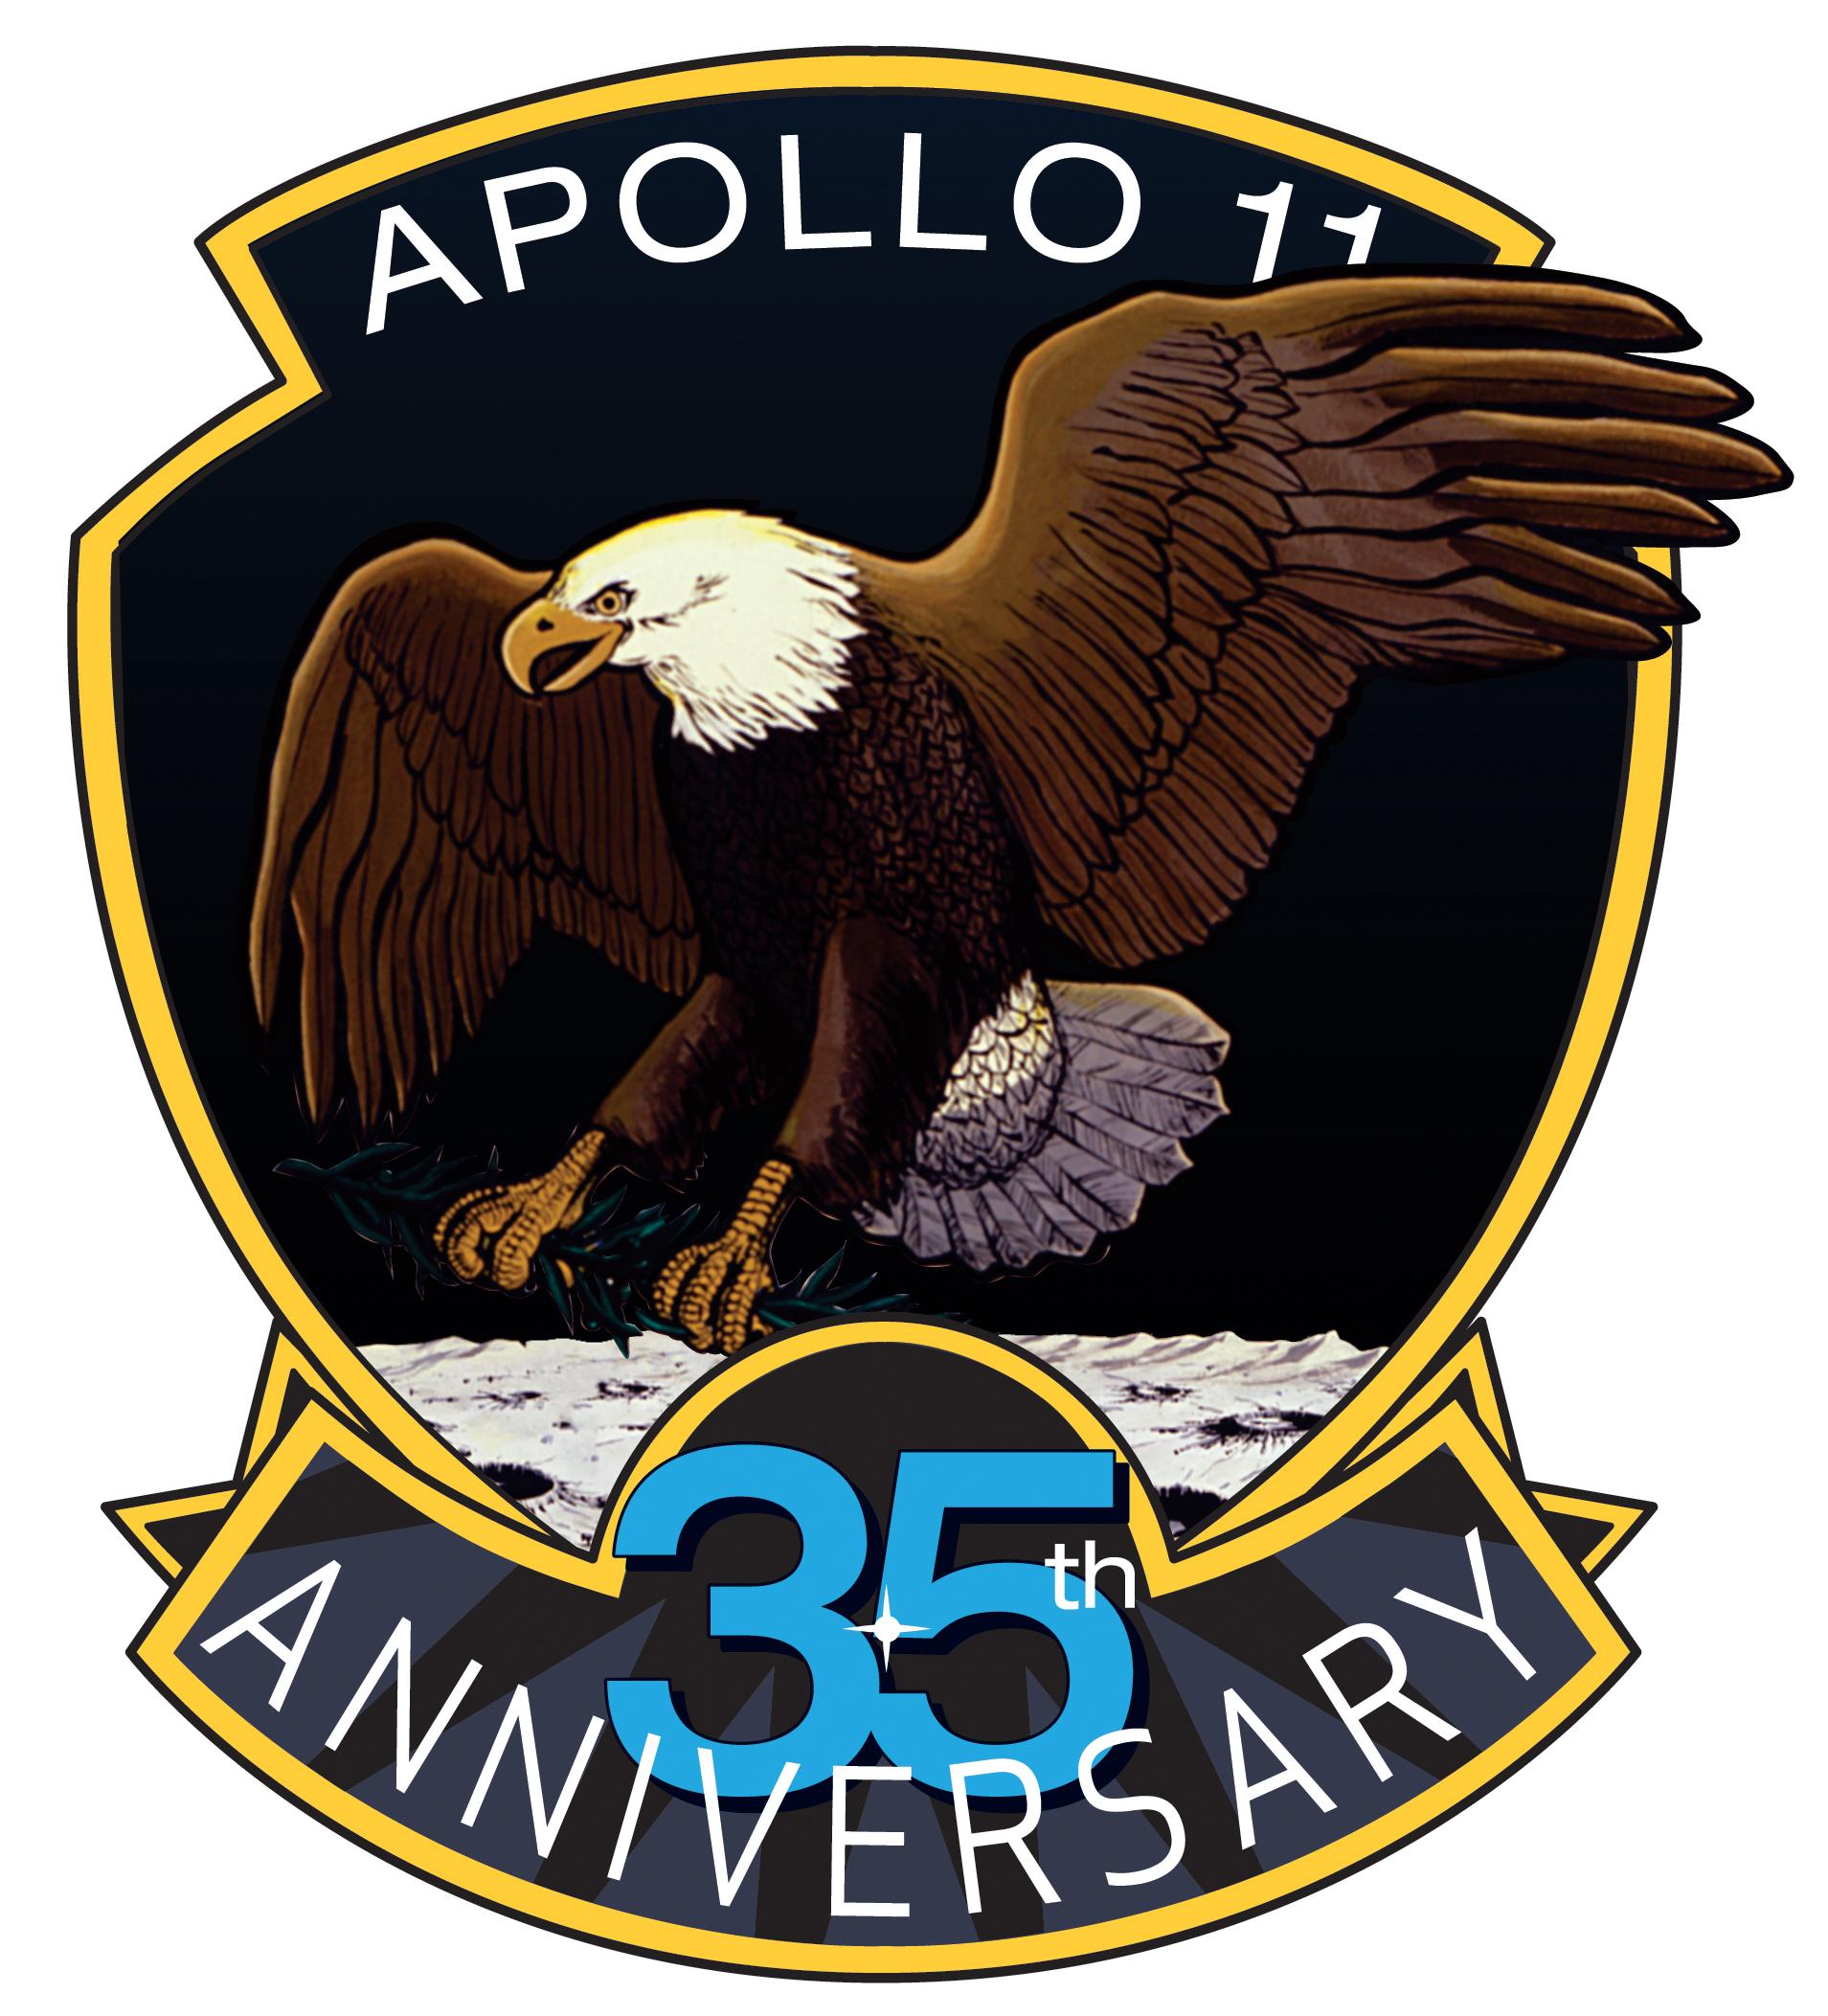 11 14 apollo mission symbol - photo #9